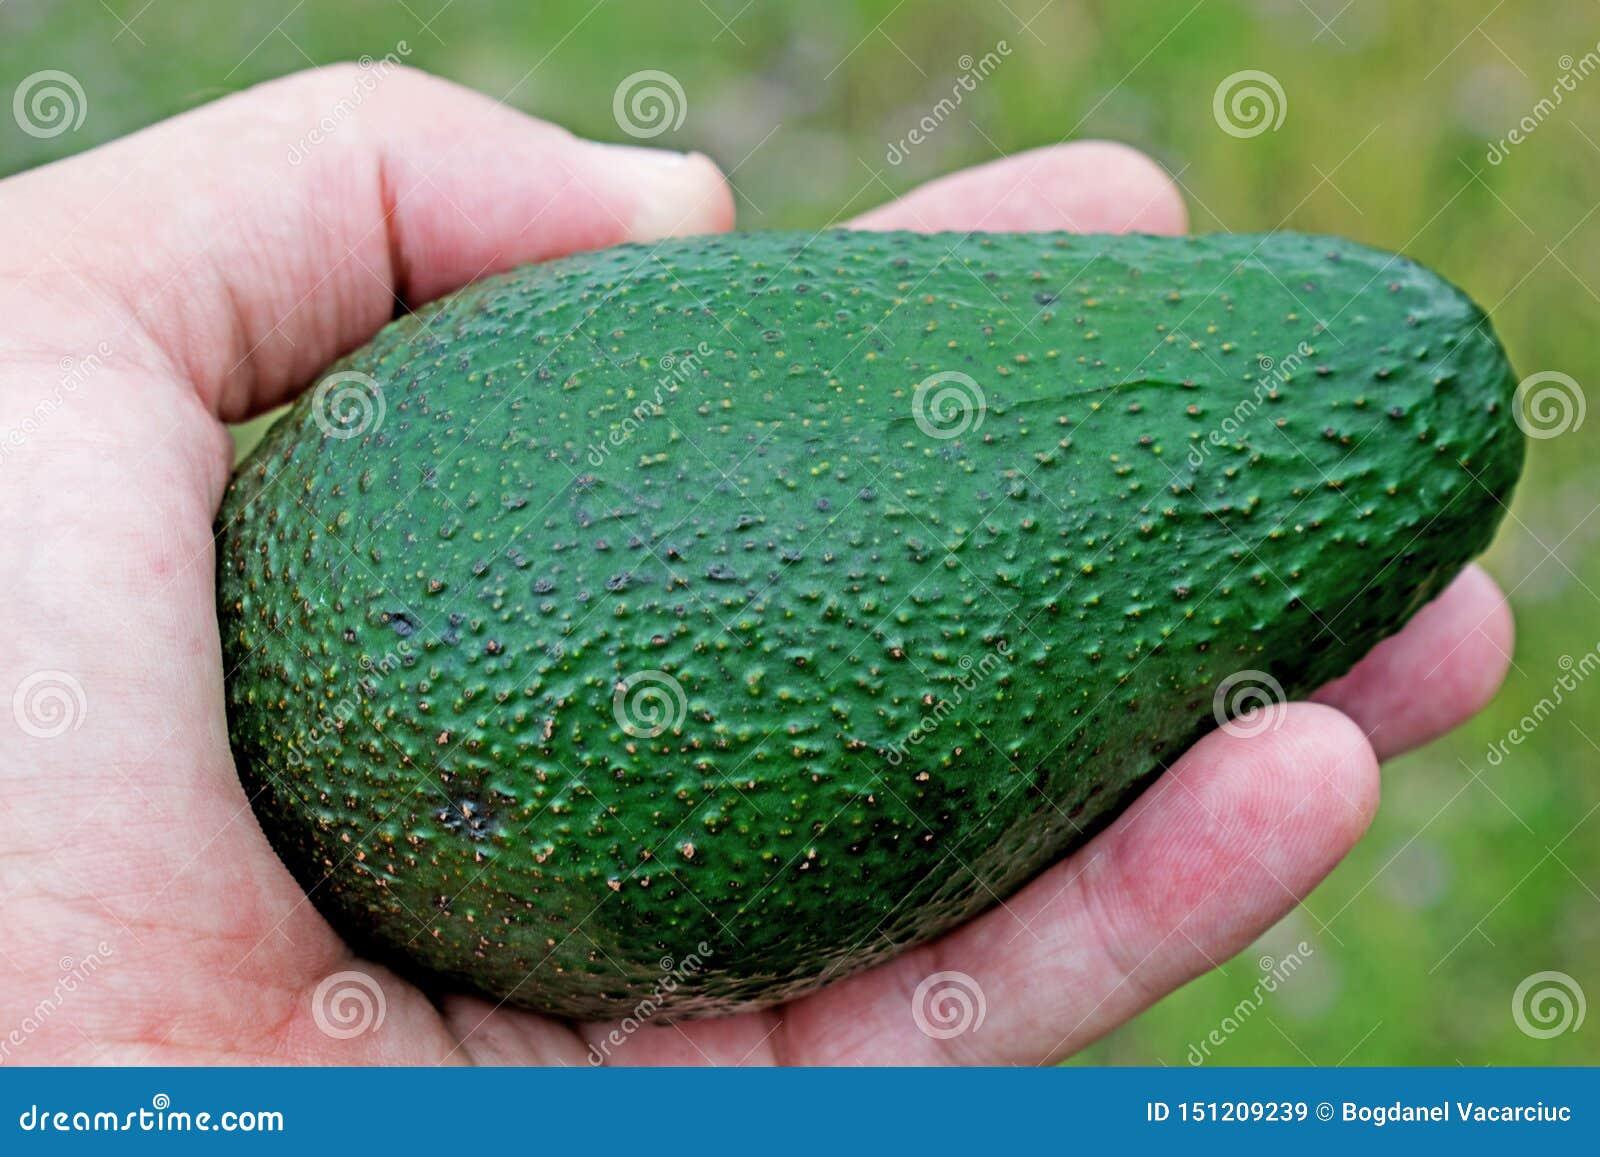 En sund frukt som ska konsumeras av alla en stor frukt av avokadot som hålls i hand